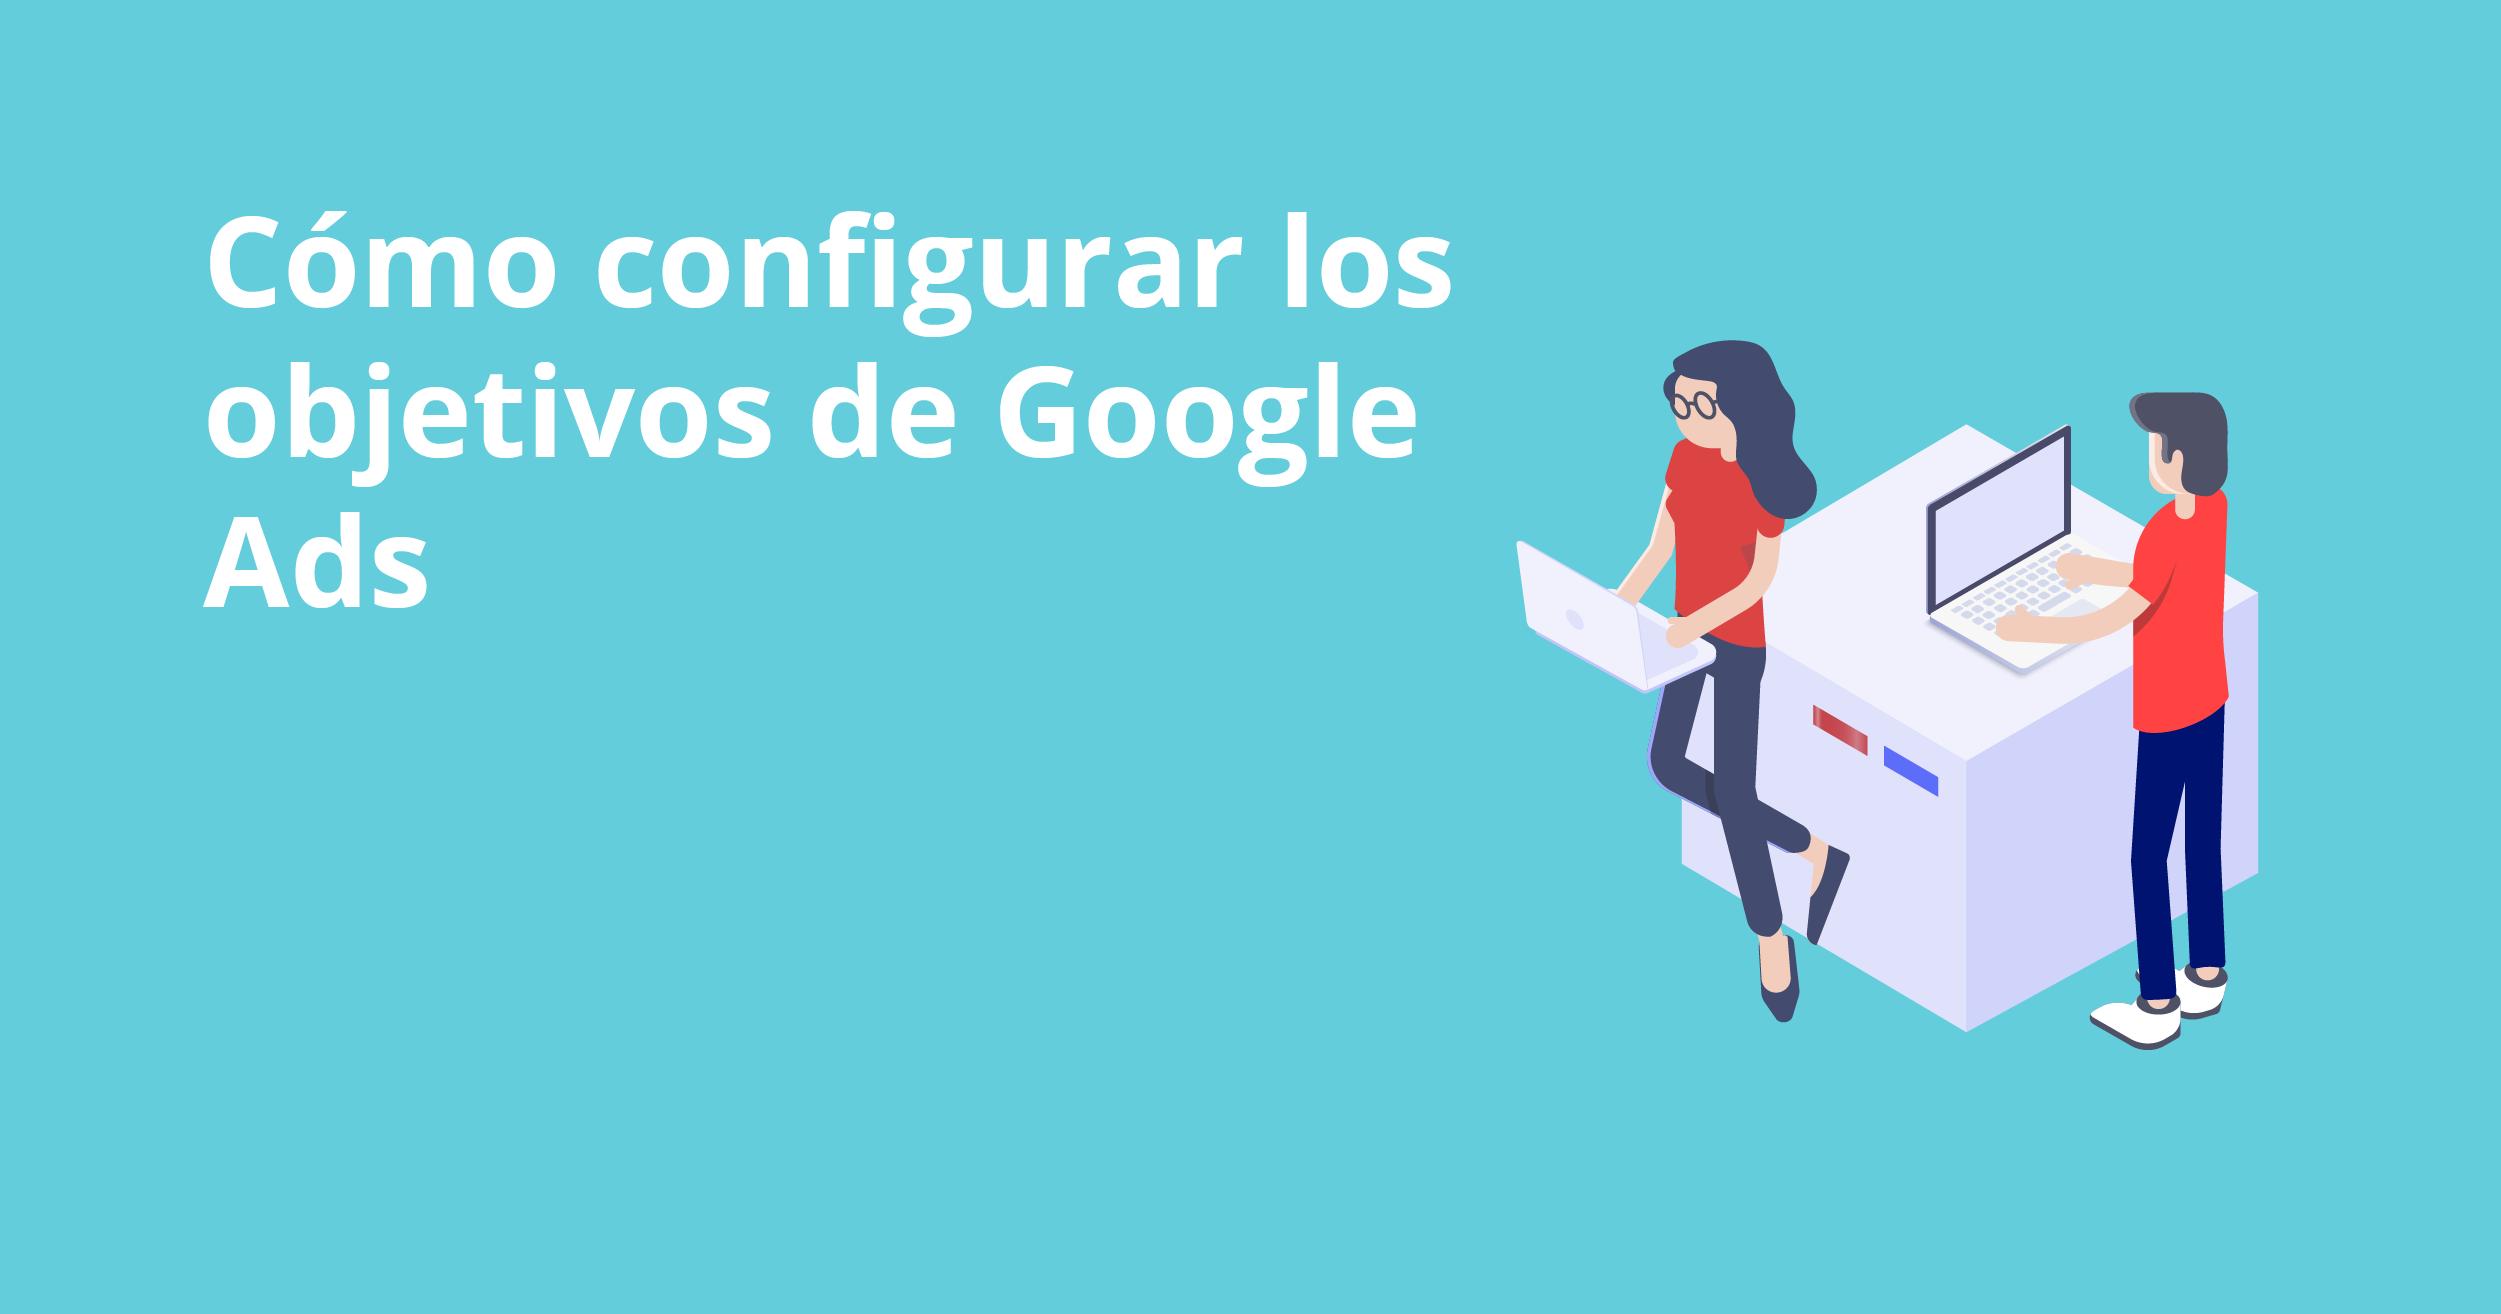 Cómo configurar los objetivos de Google Ads